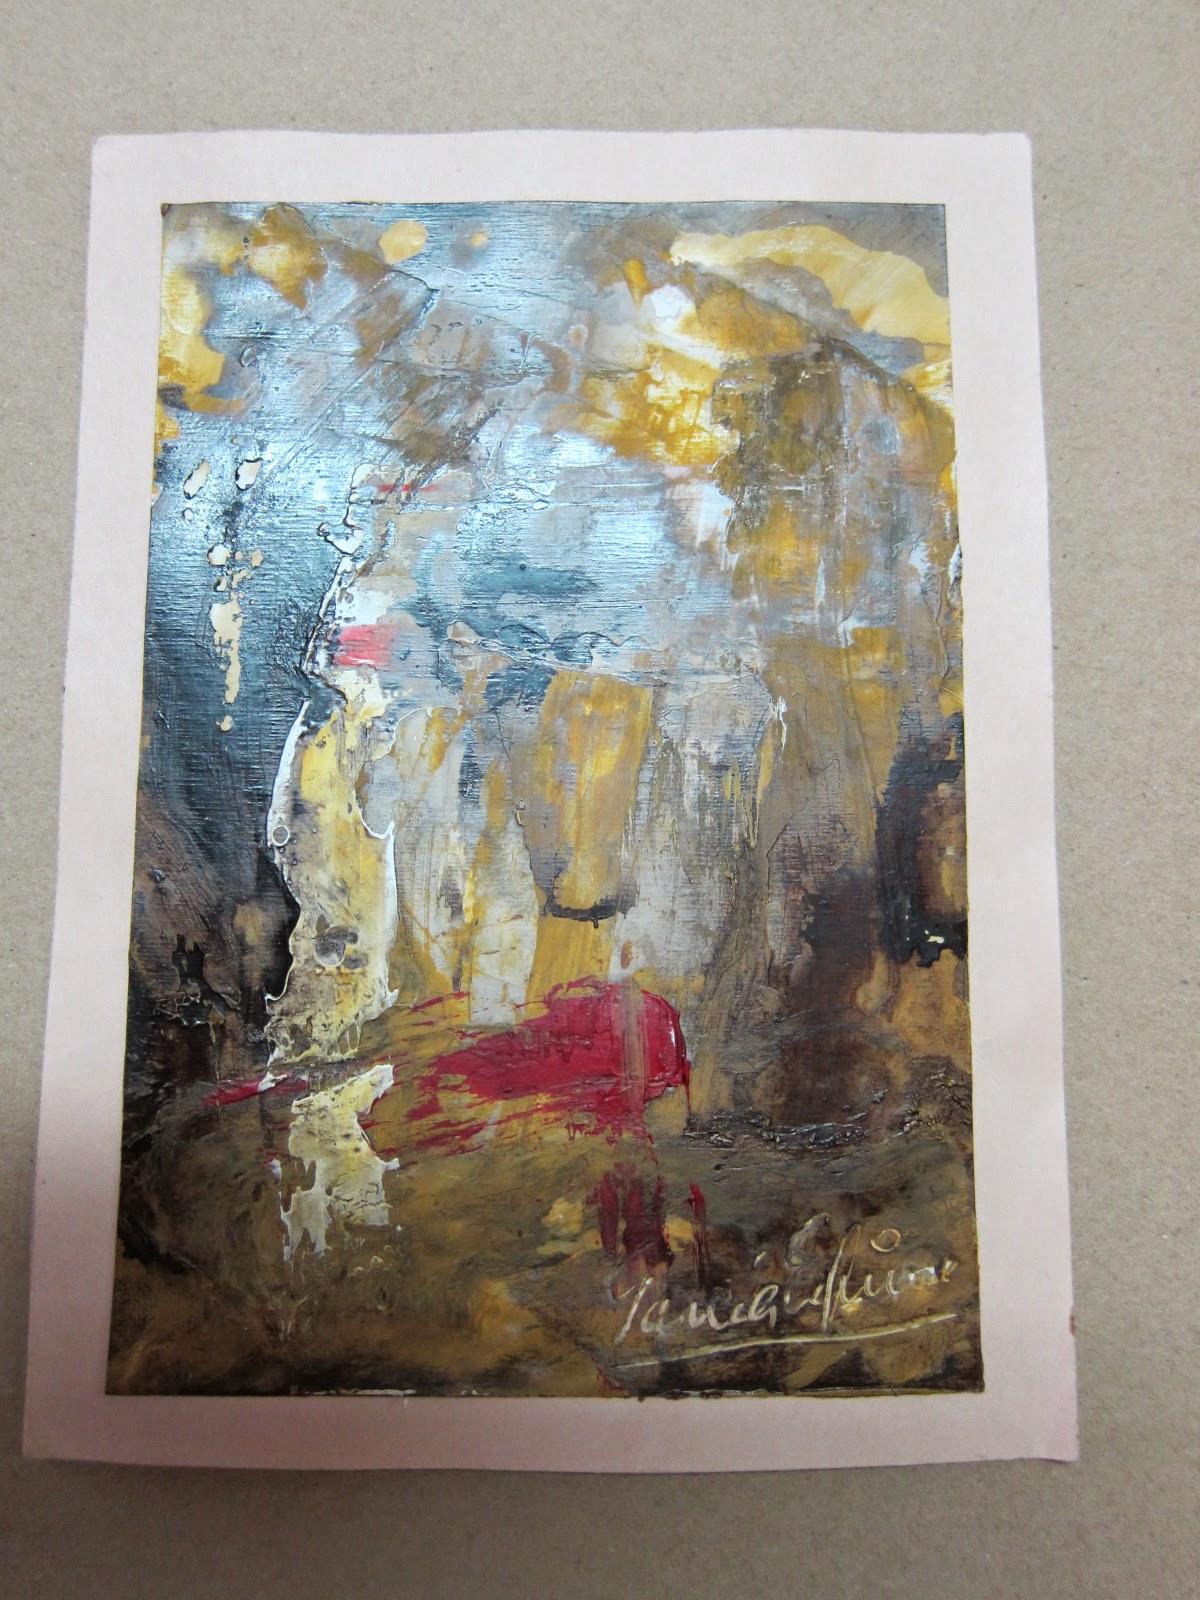 Galeria arte cuadros oleos cuadros abstractos for Imagenes de cuadros abstractos texturados